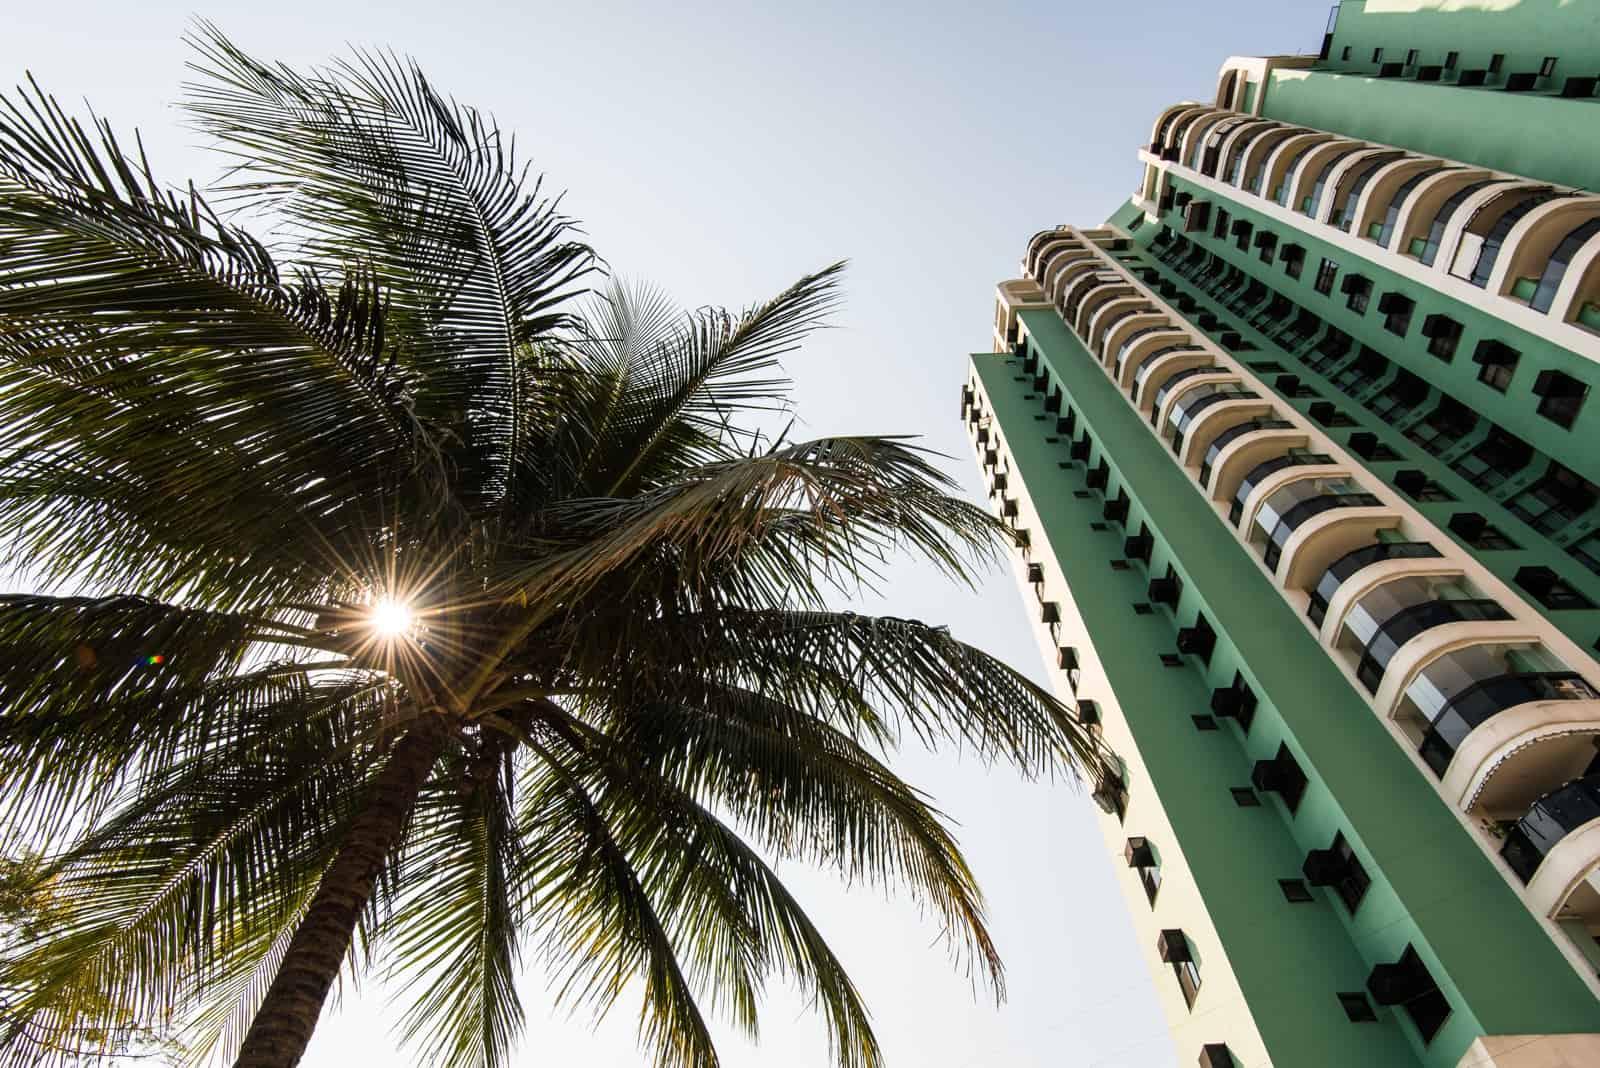 Condominium in Gulfport, Florida